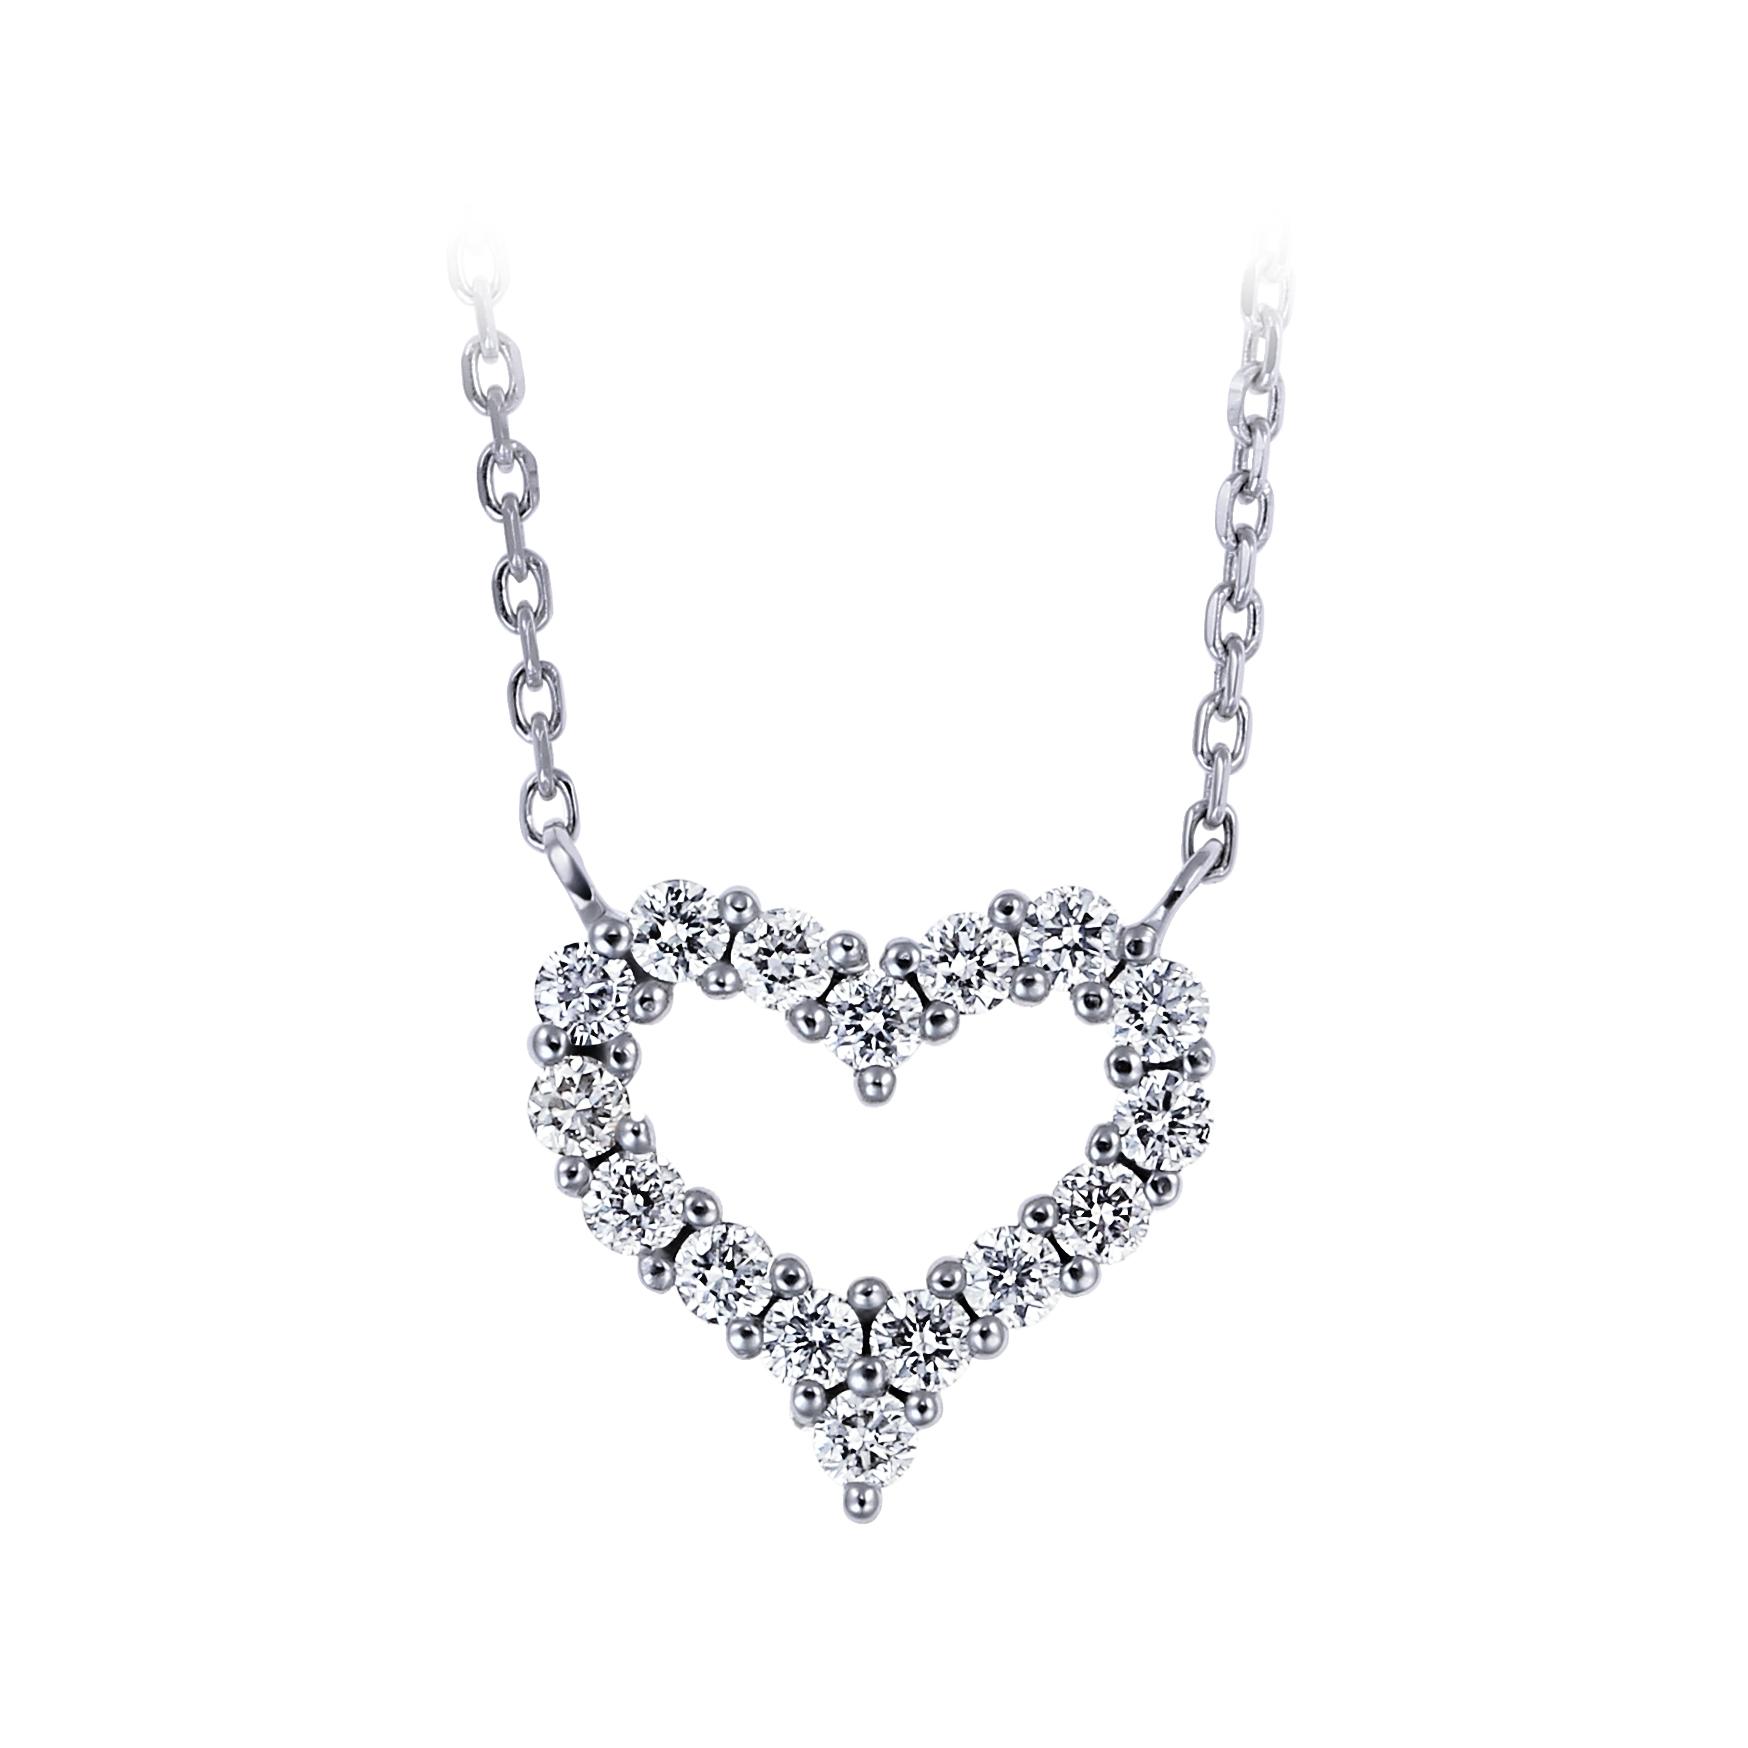 愛心鑽石項鍊